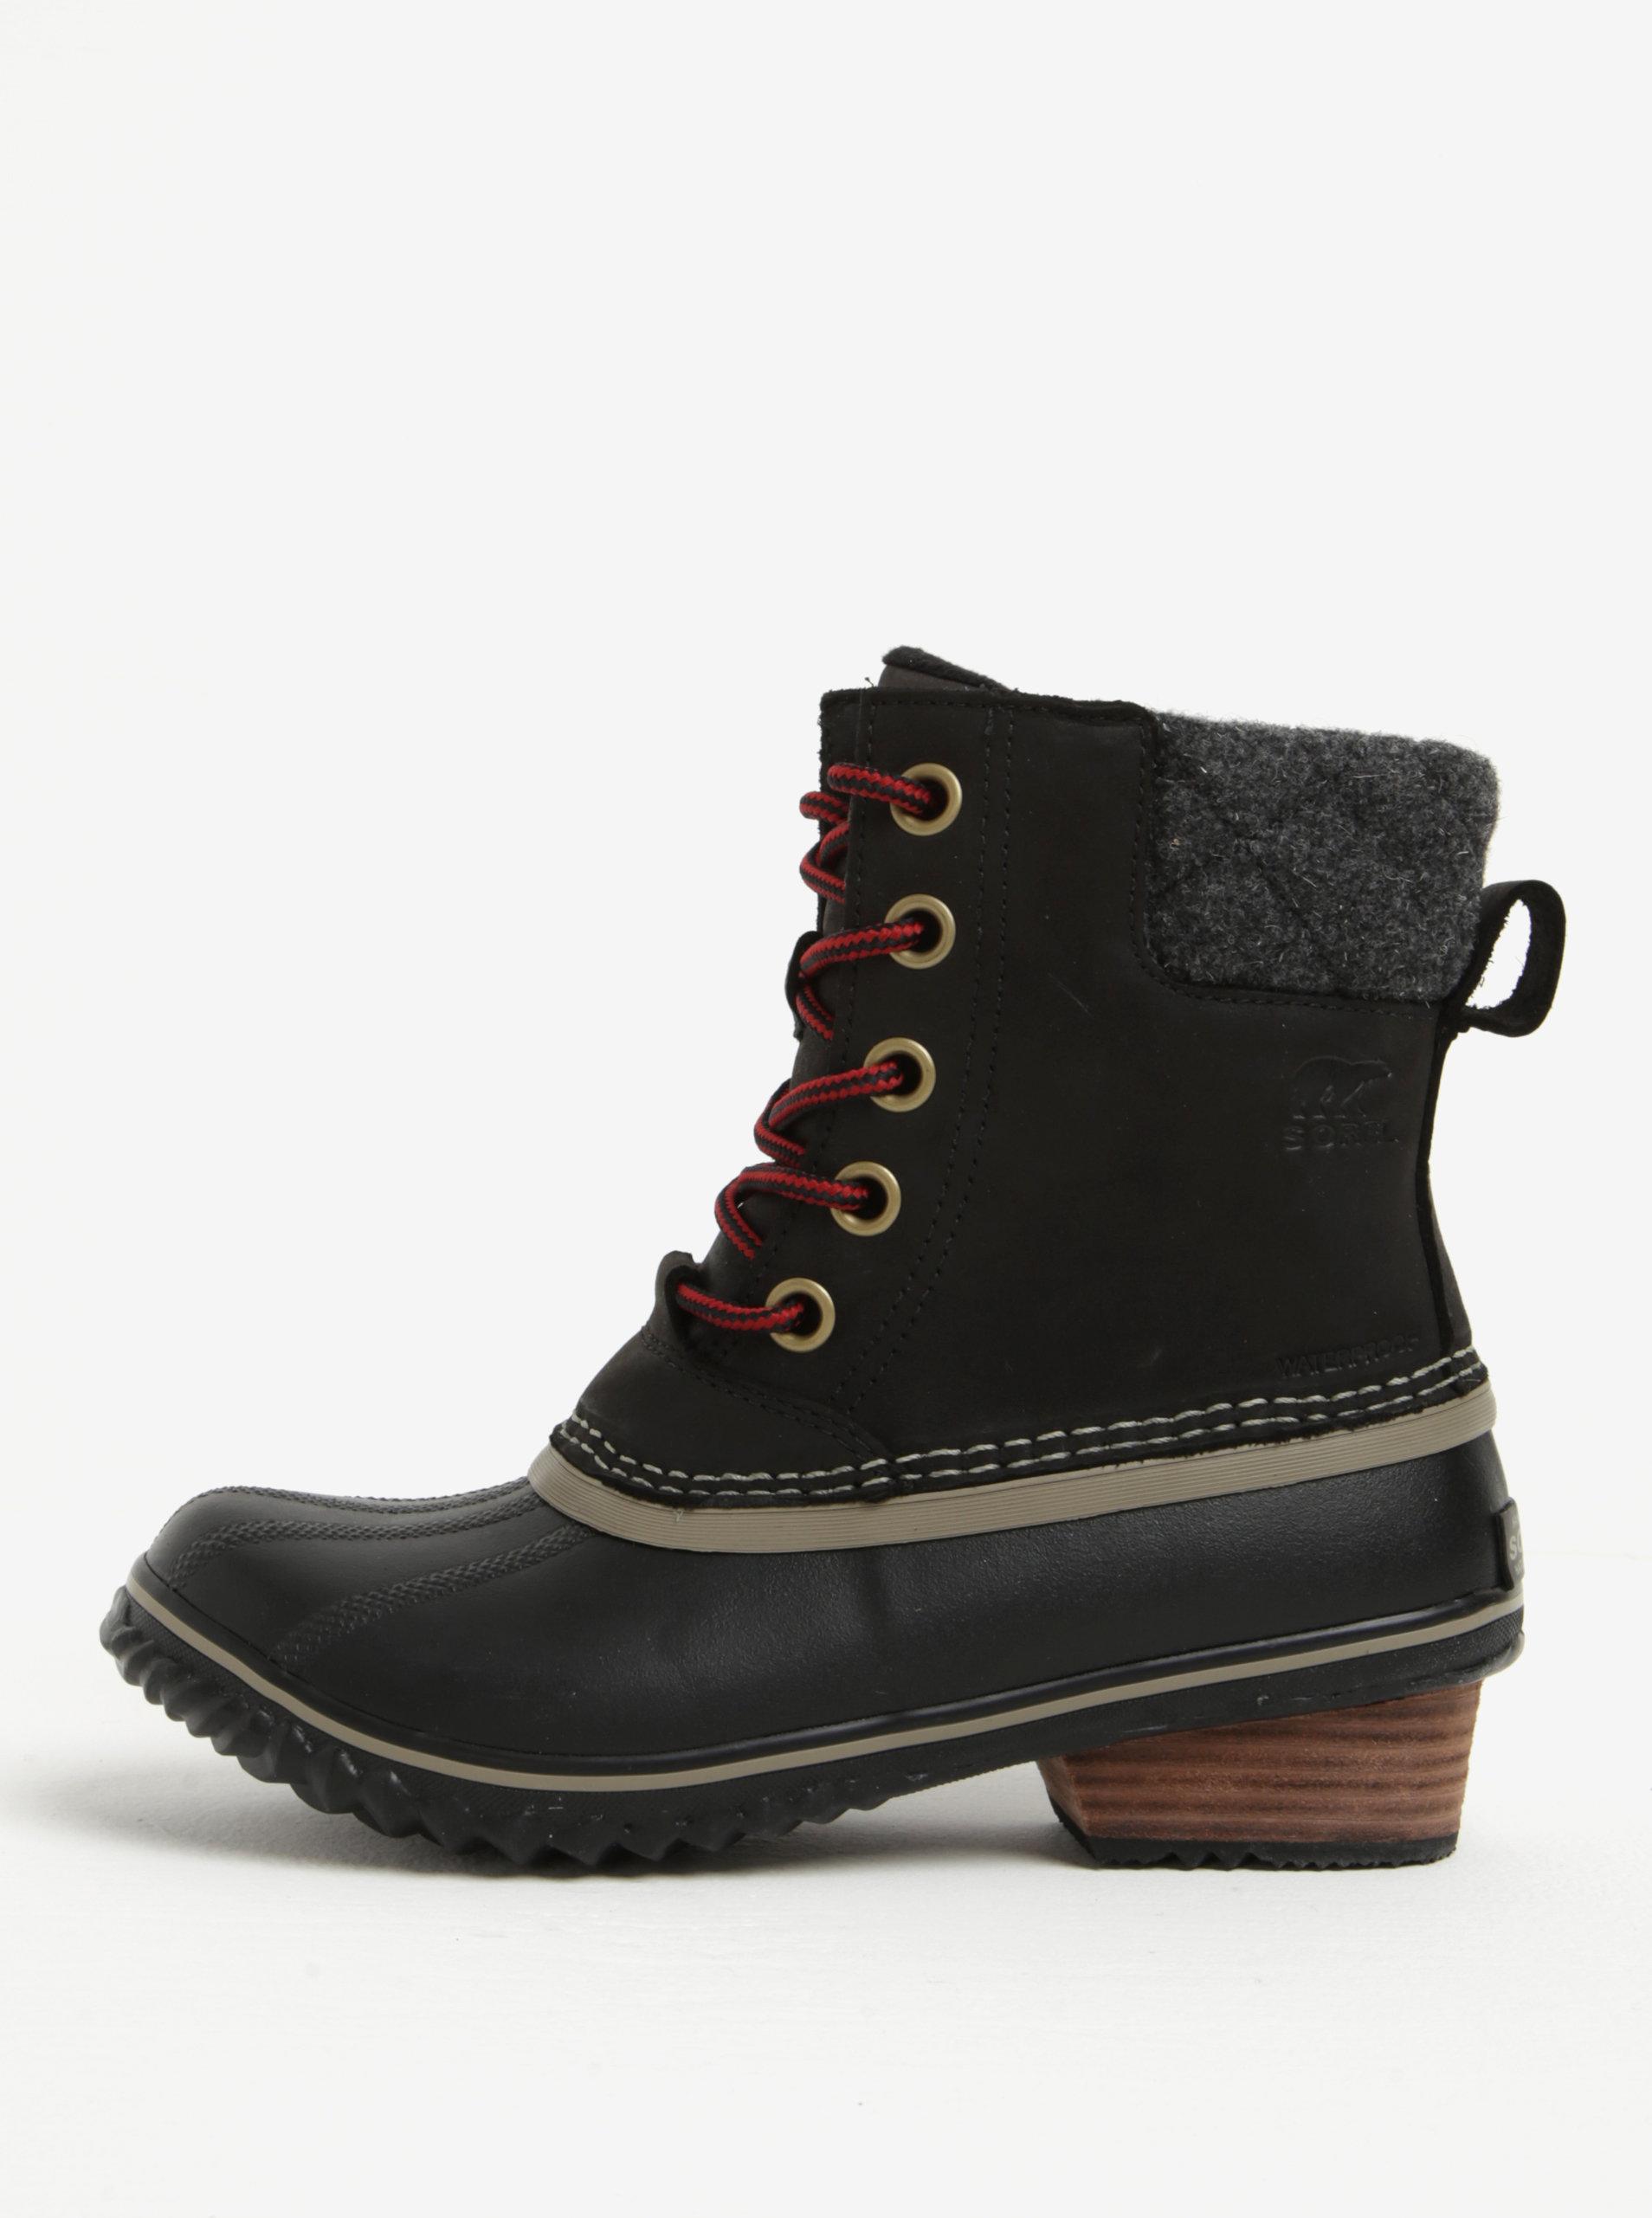 Černé dámské kožené kotníkové voděodolné zimní boty na nízkém podpatku  SOREL ... 5d4f25745a